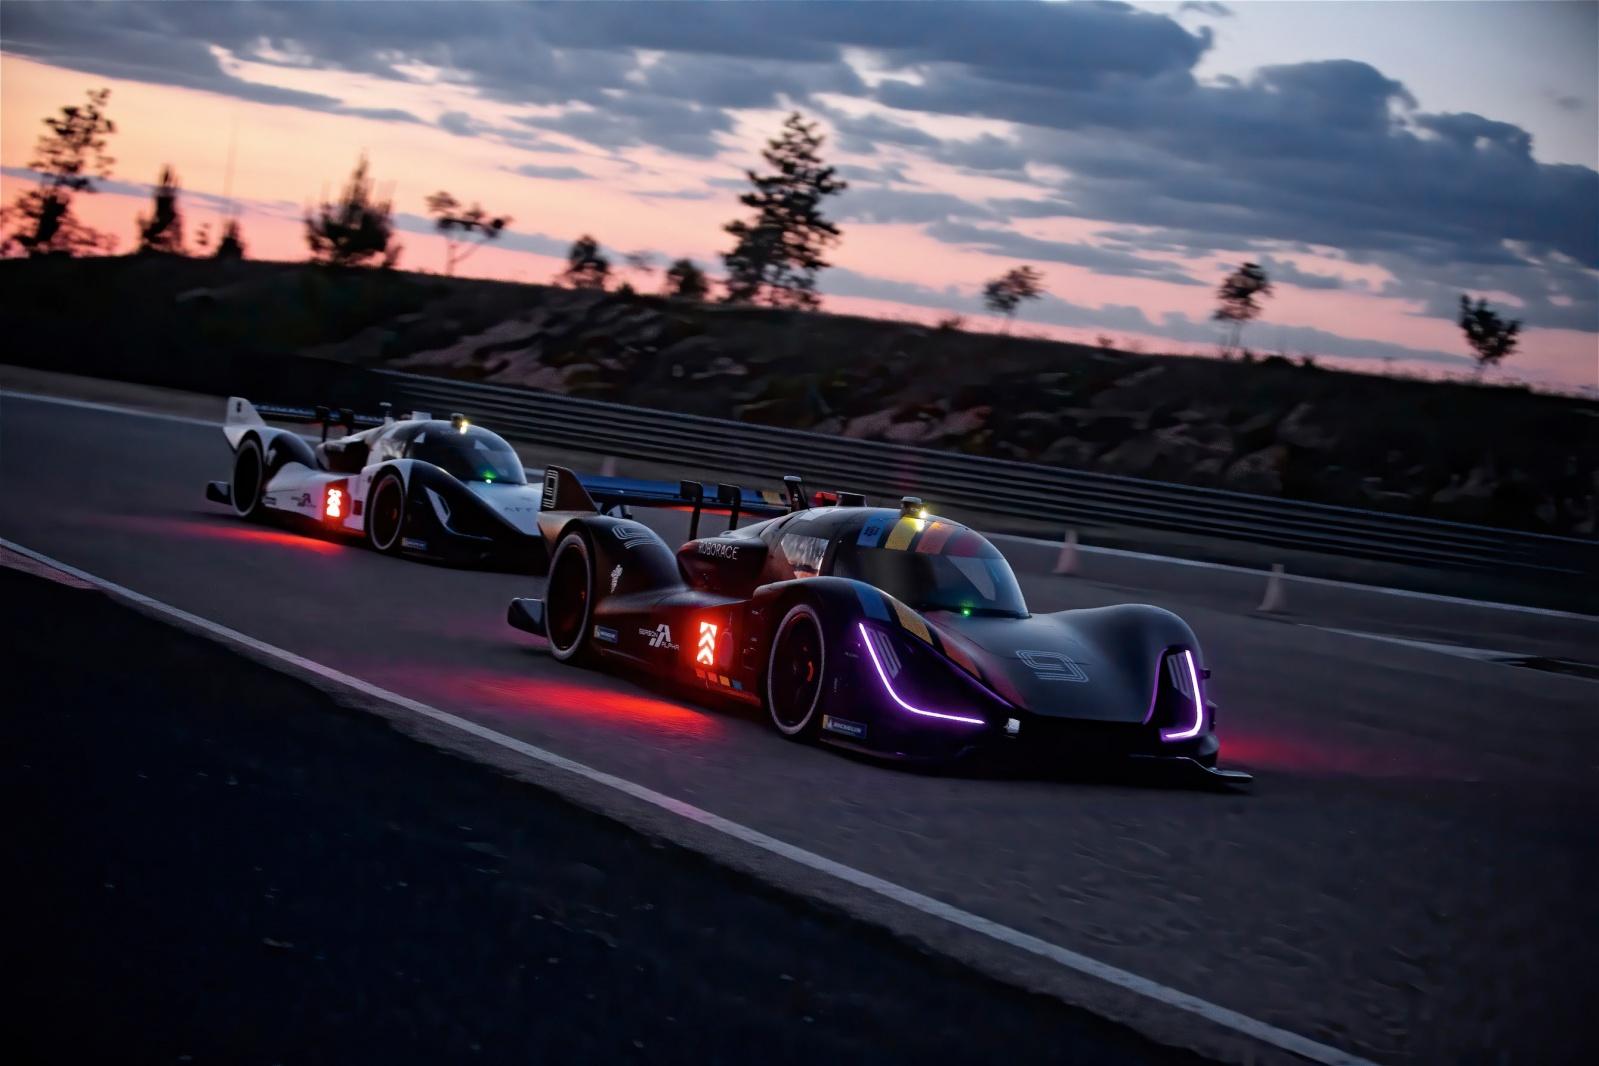 Электромобиль Robocar занесен в Книгу рекордов Гиннеса как самая быстрая в мире автономная машина - 4